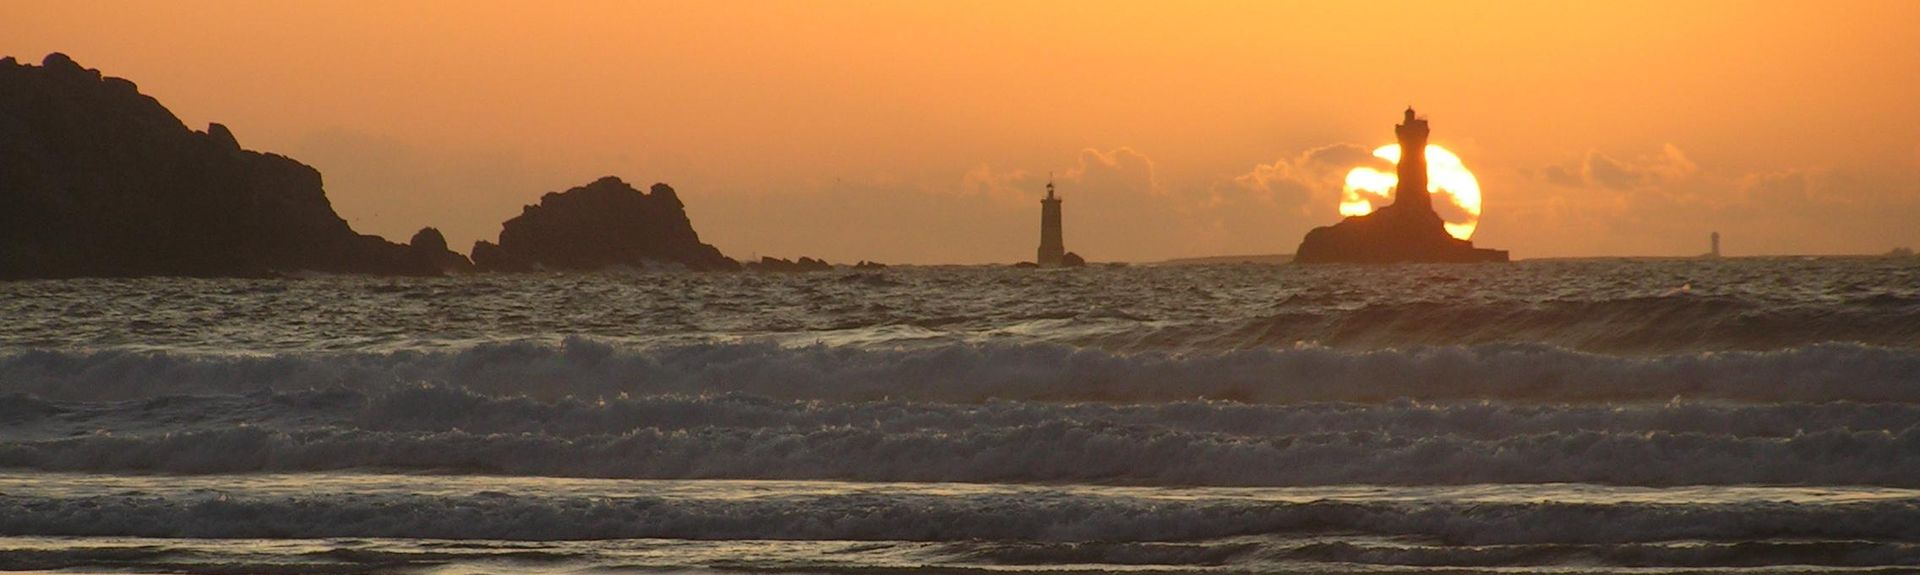 Pointe du Raz, Plogoff, Département du Finistère, France